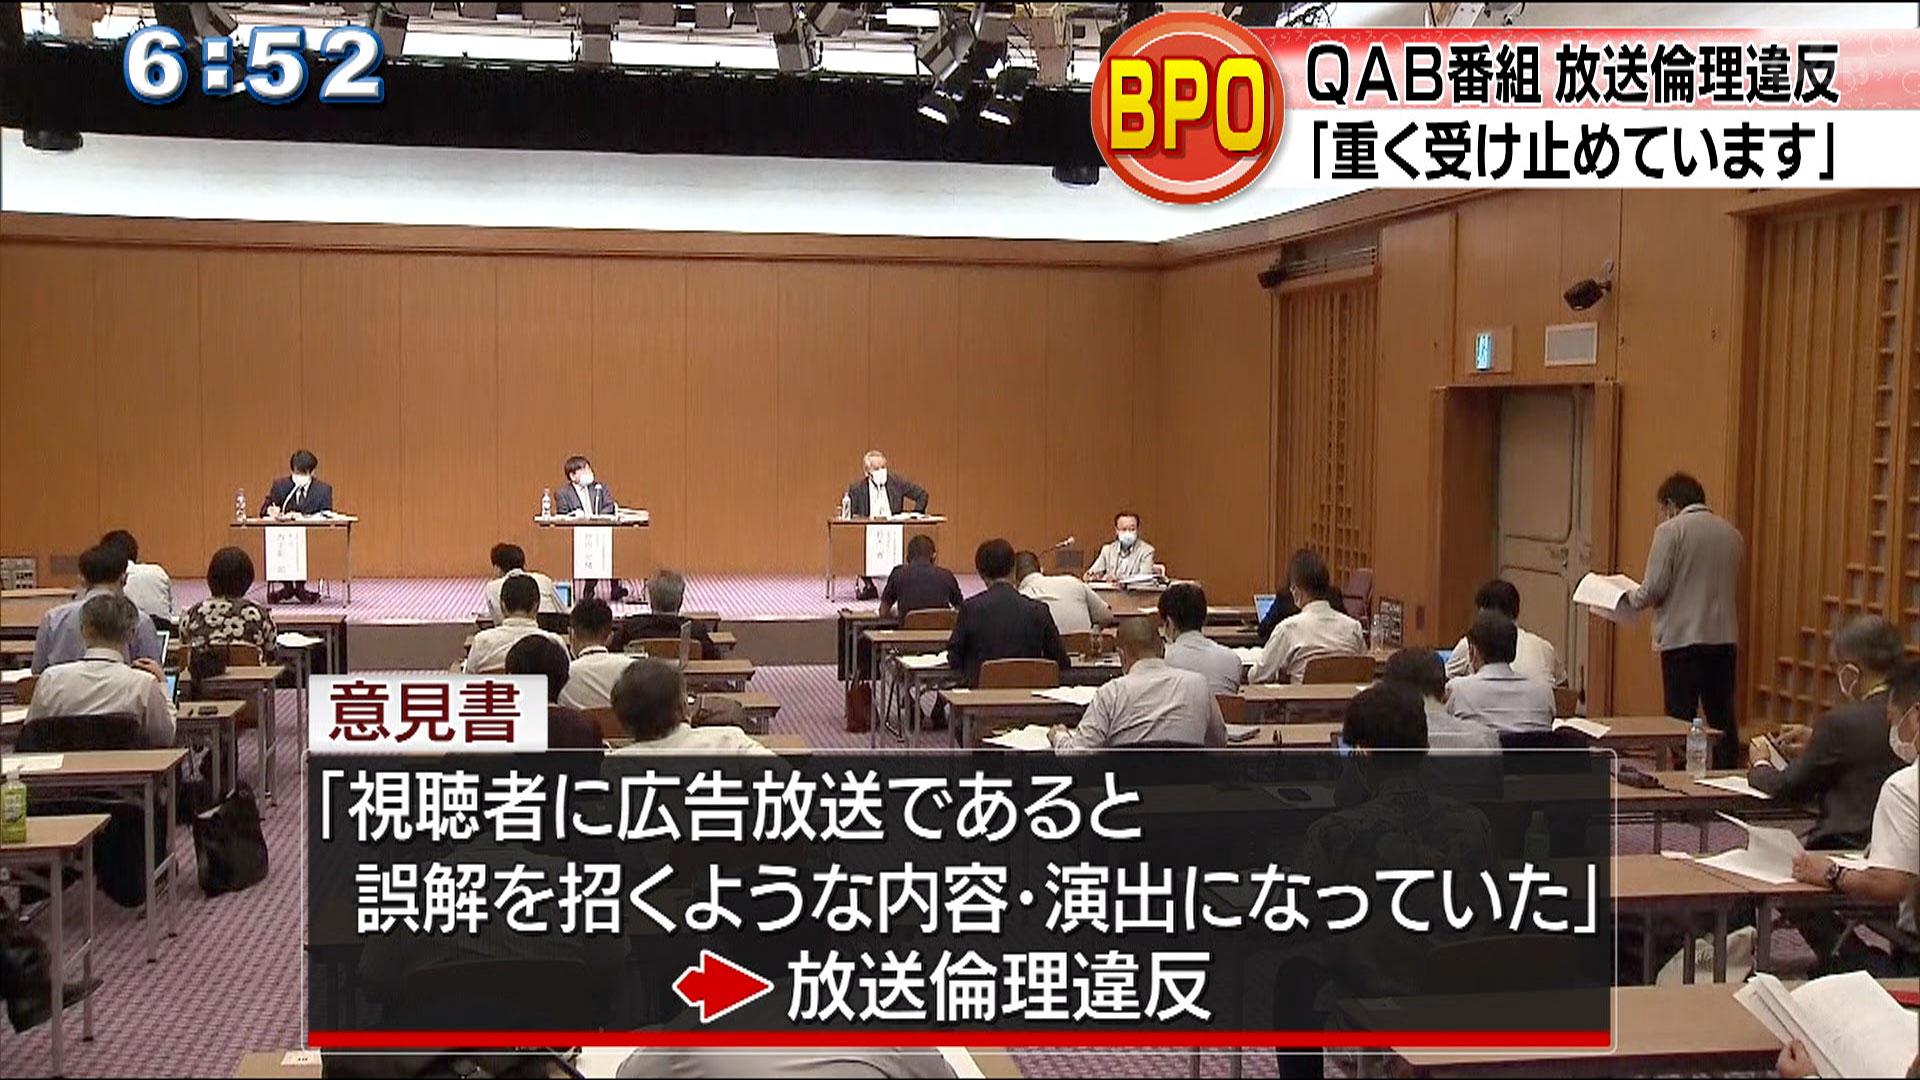 QAB制作番組に「放送倫理違反」BPOが意見書